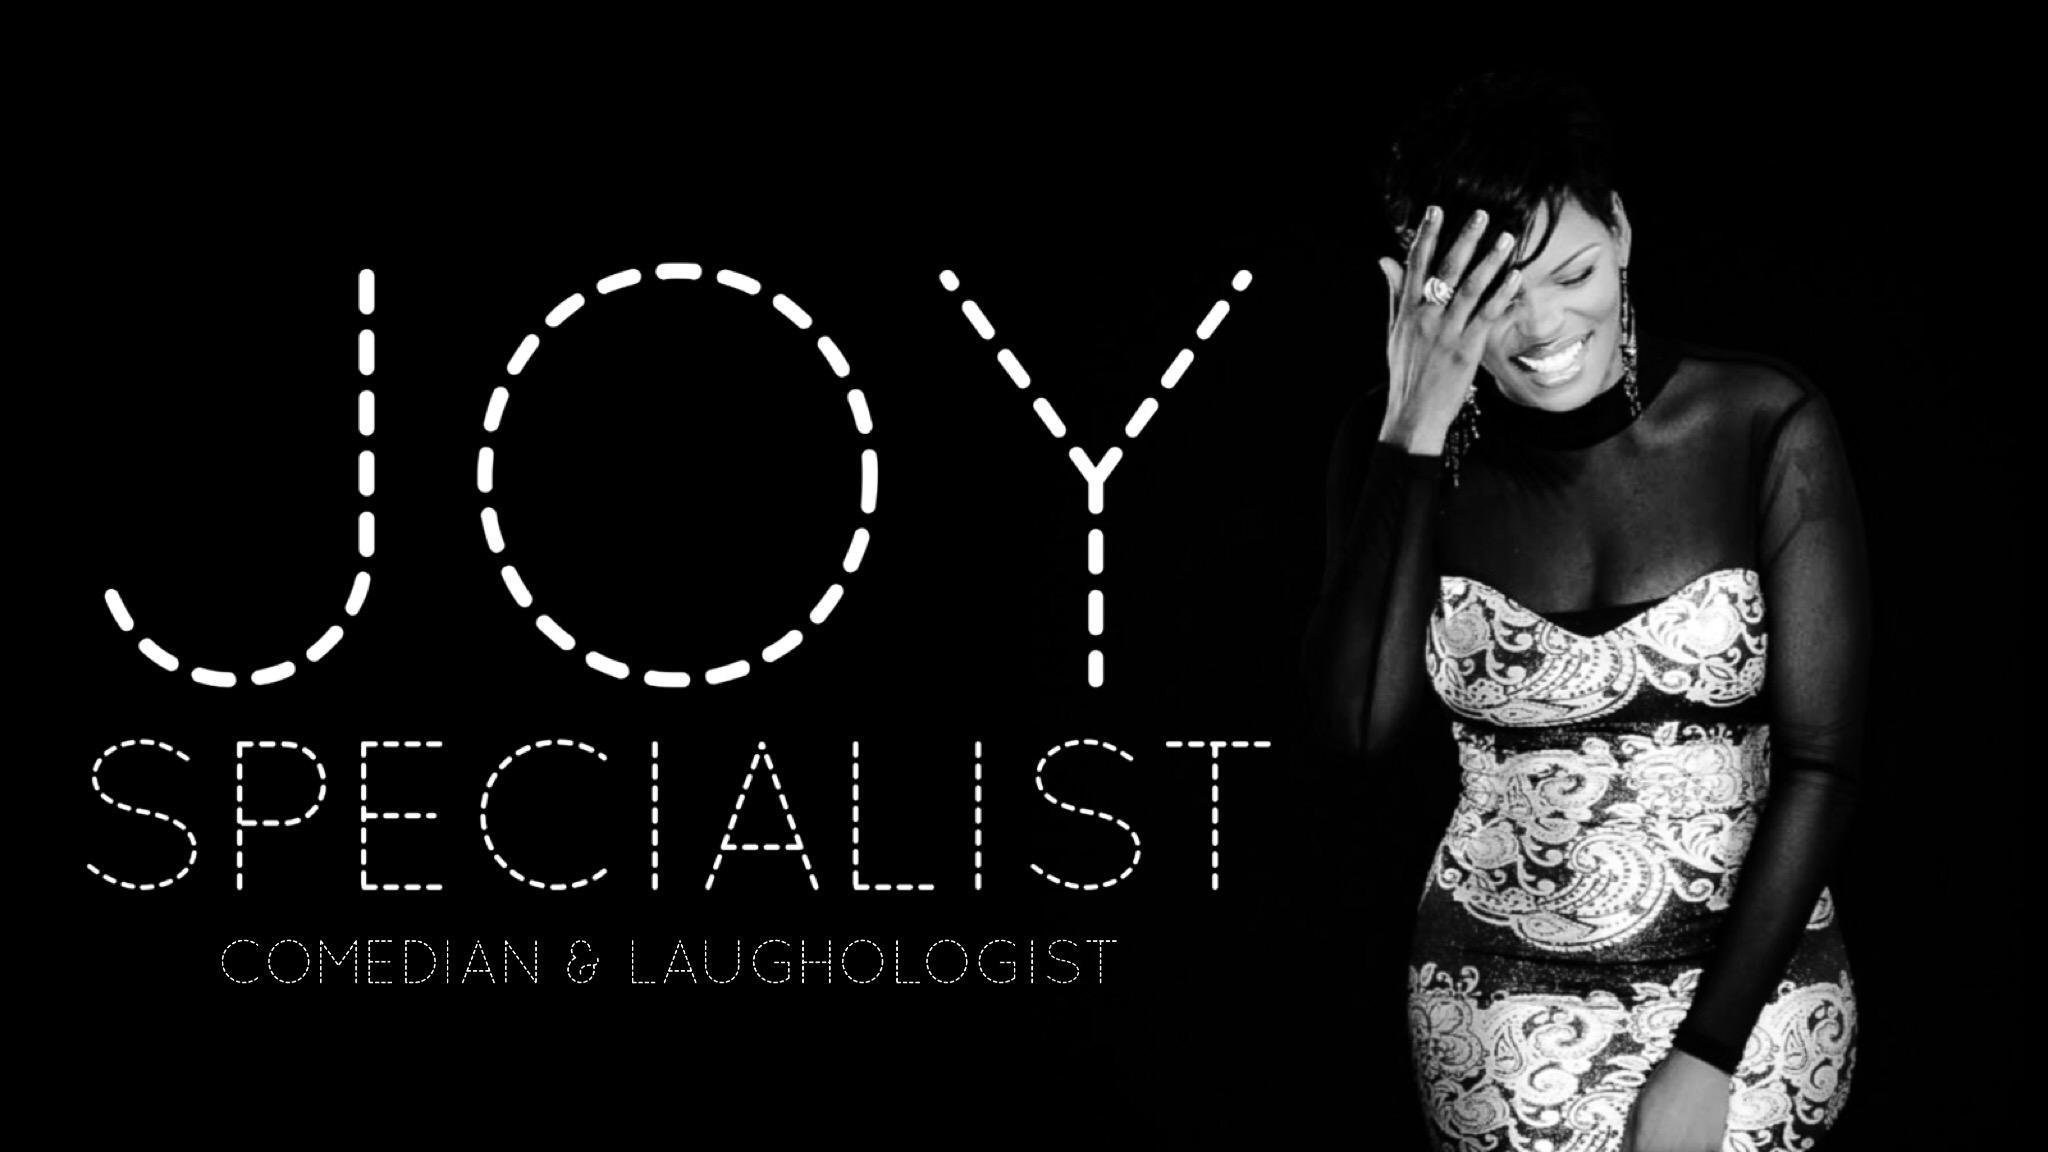 joy specialist Comedian